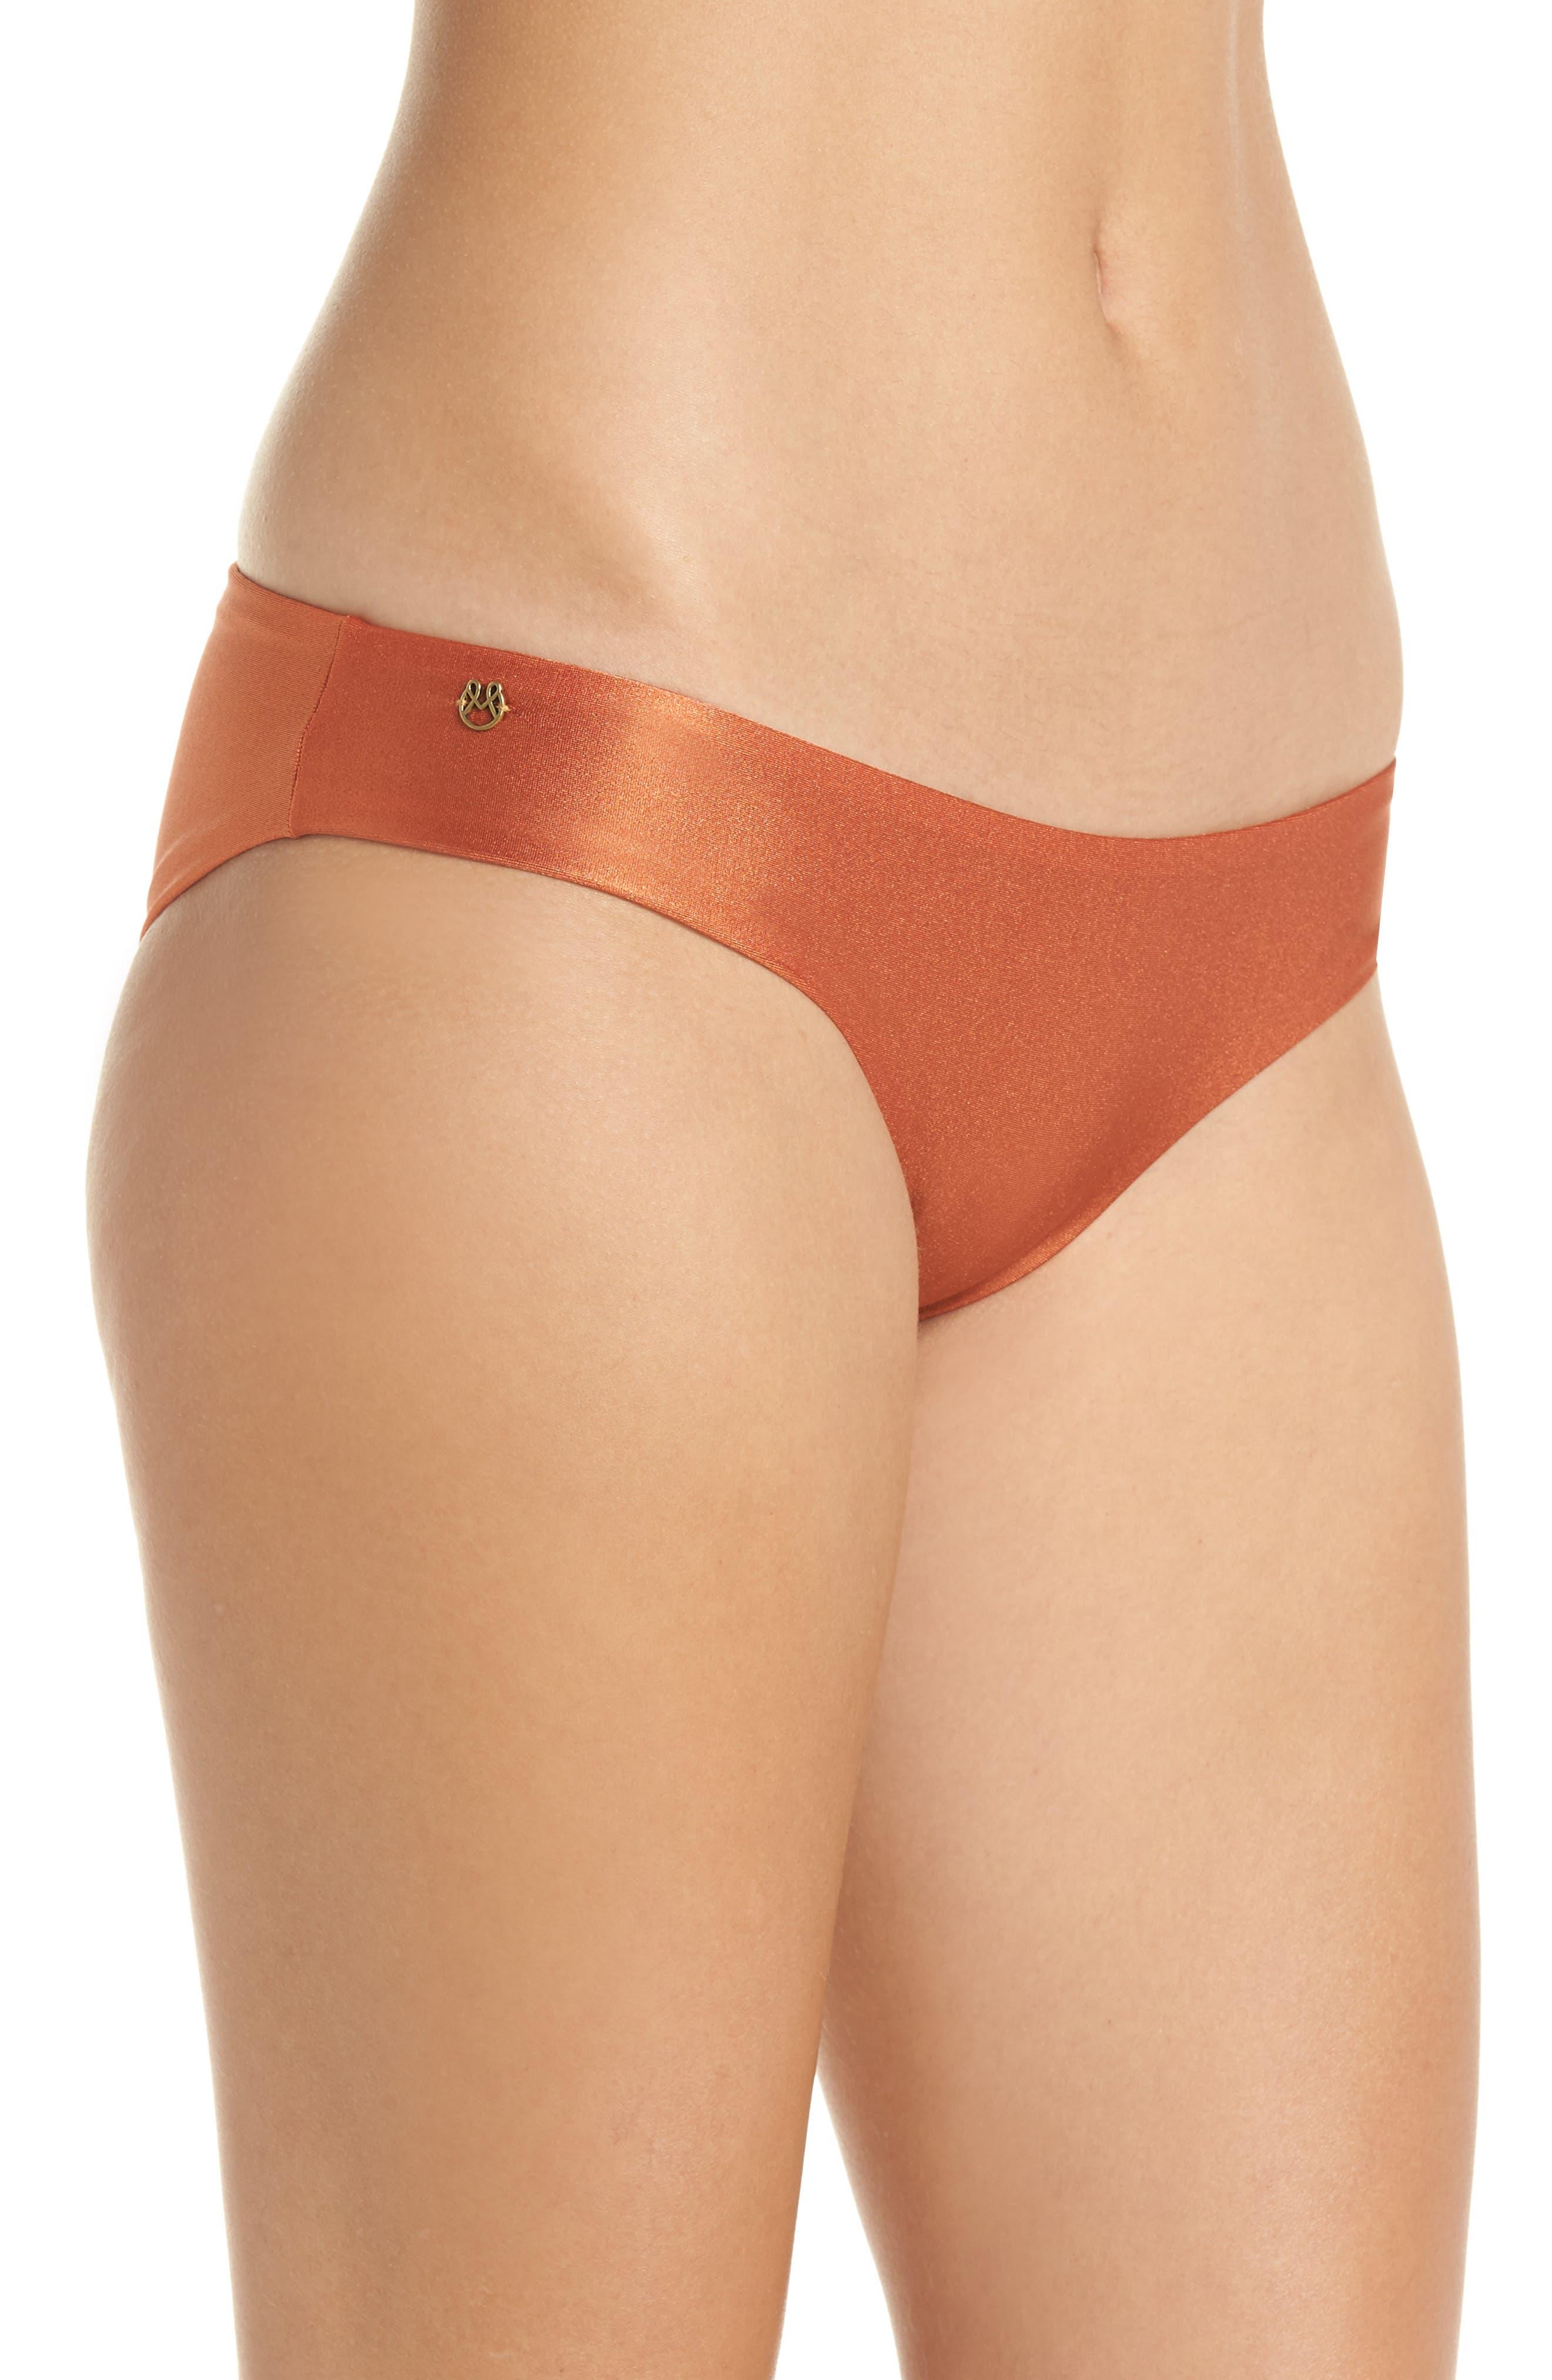 Shimmering Sublime Signature Reversible Bikini Bottoms,                             Alternate thumbnail 4, color,                             221